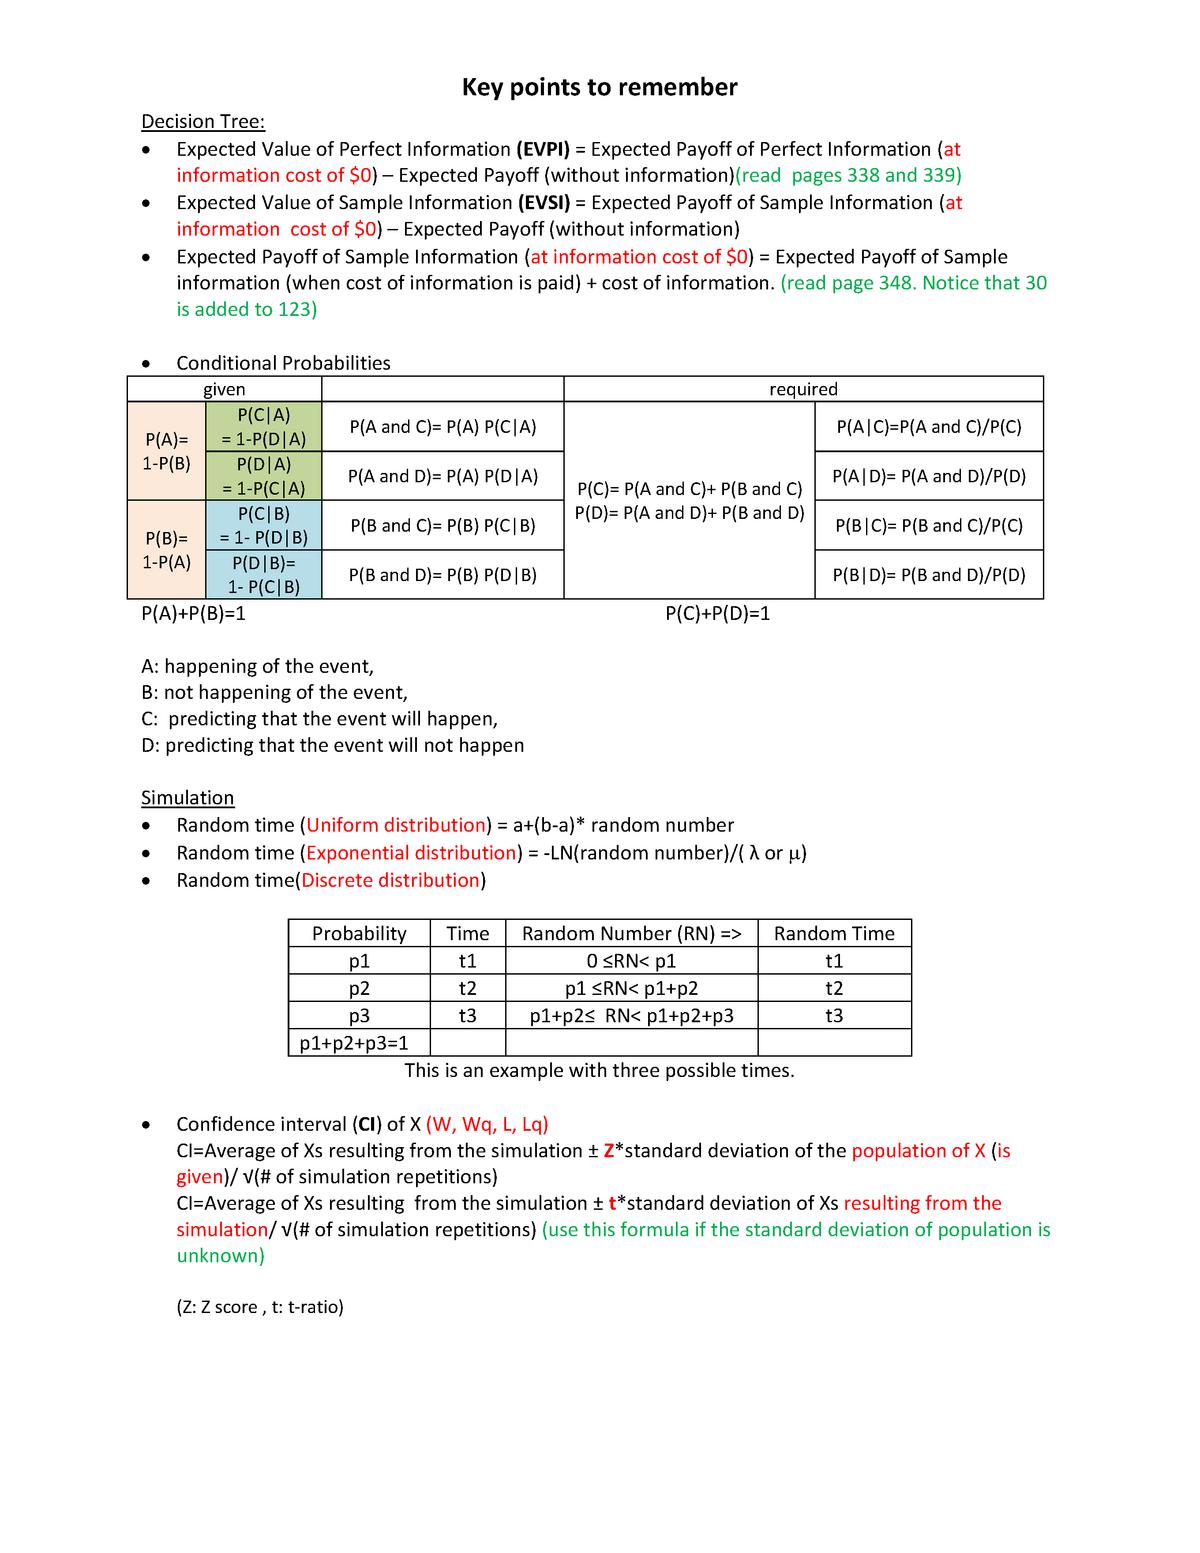 Key Points to Remember - BU375 OperationsB - WLU - StuDocu